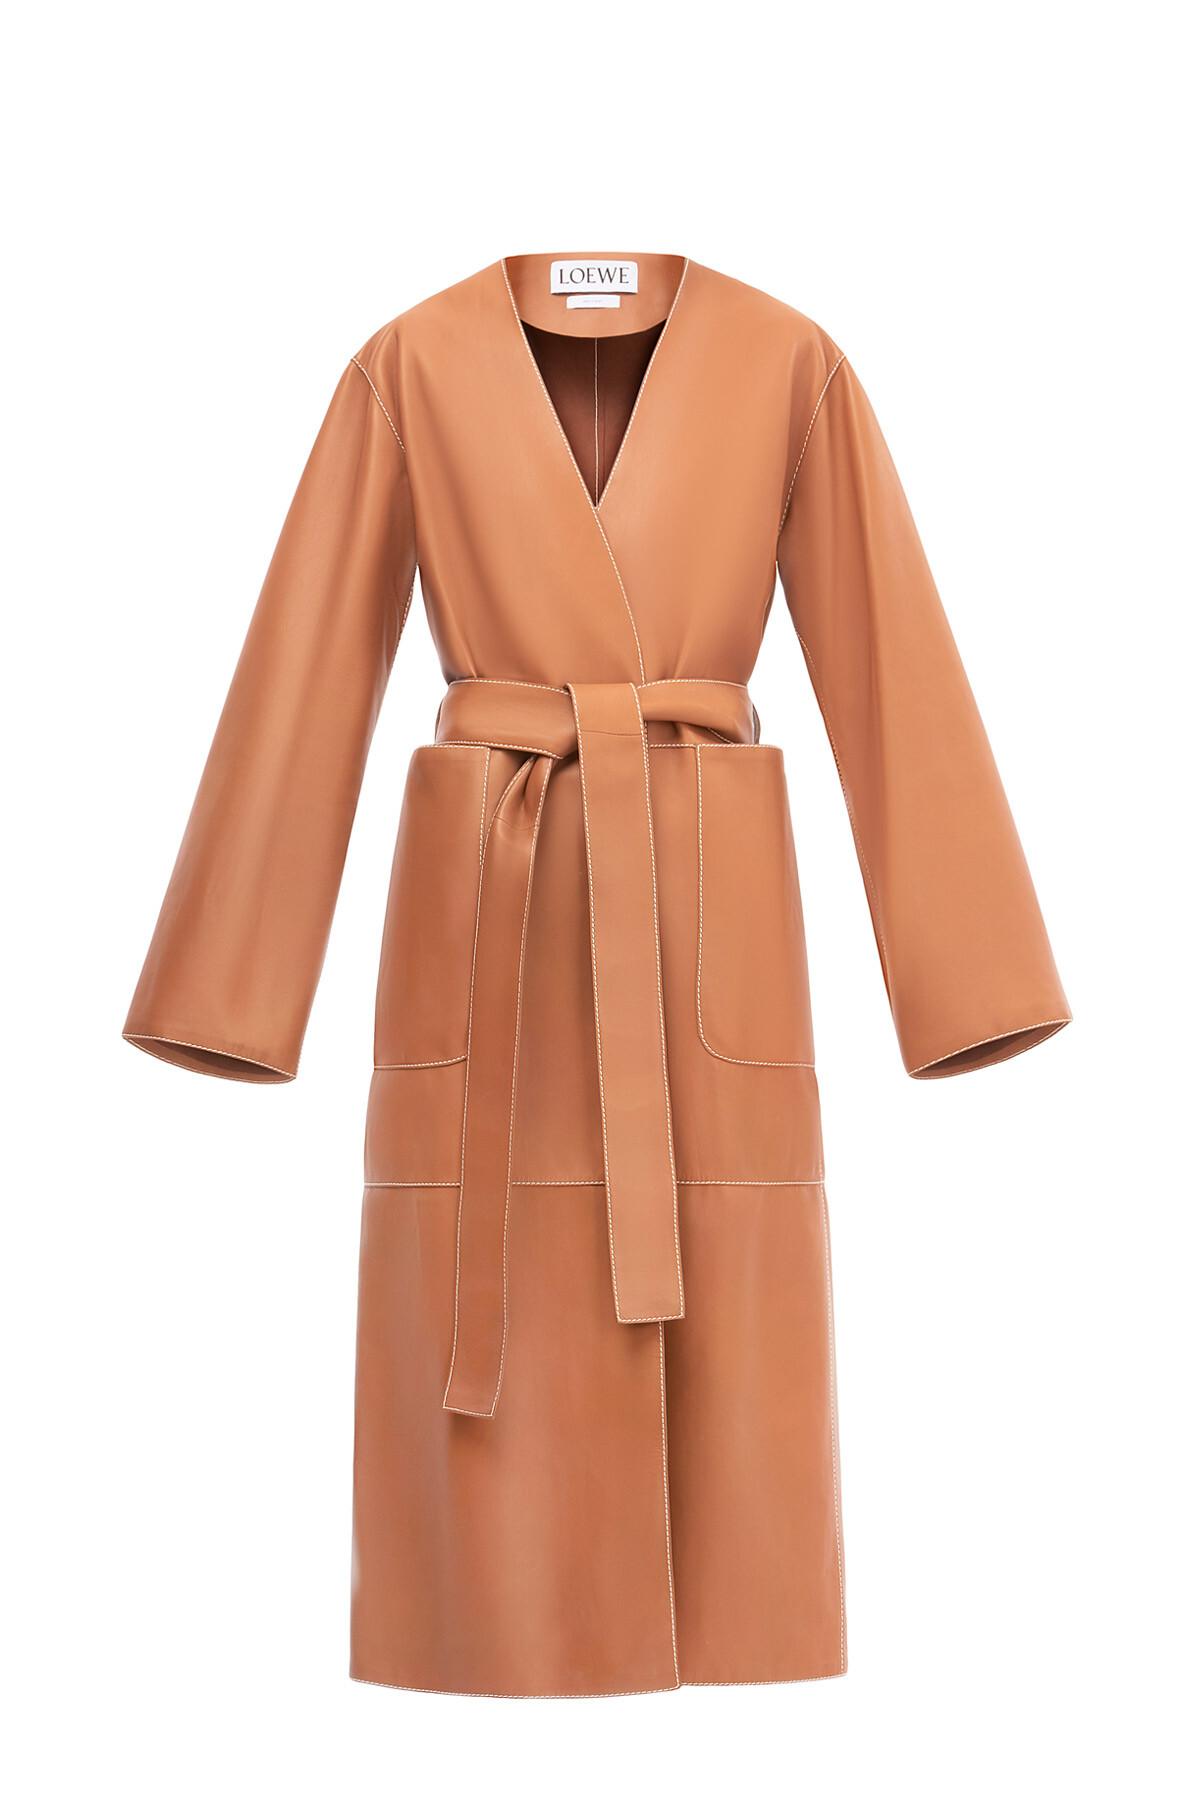 LOEWE Coat Tan front